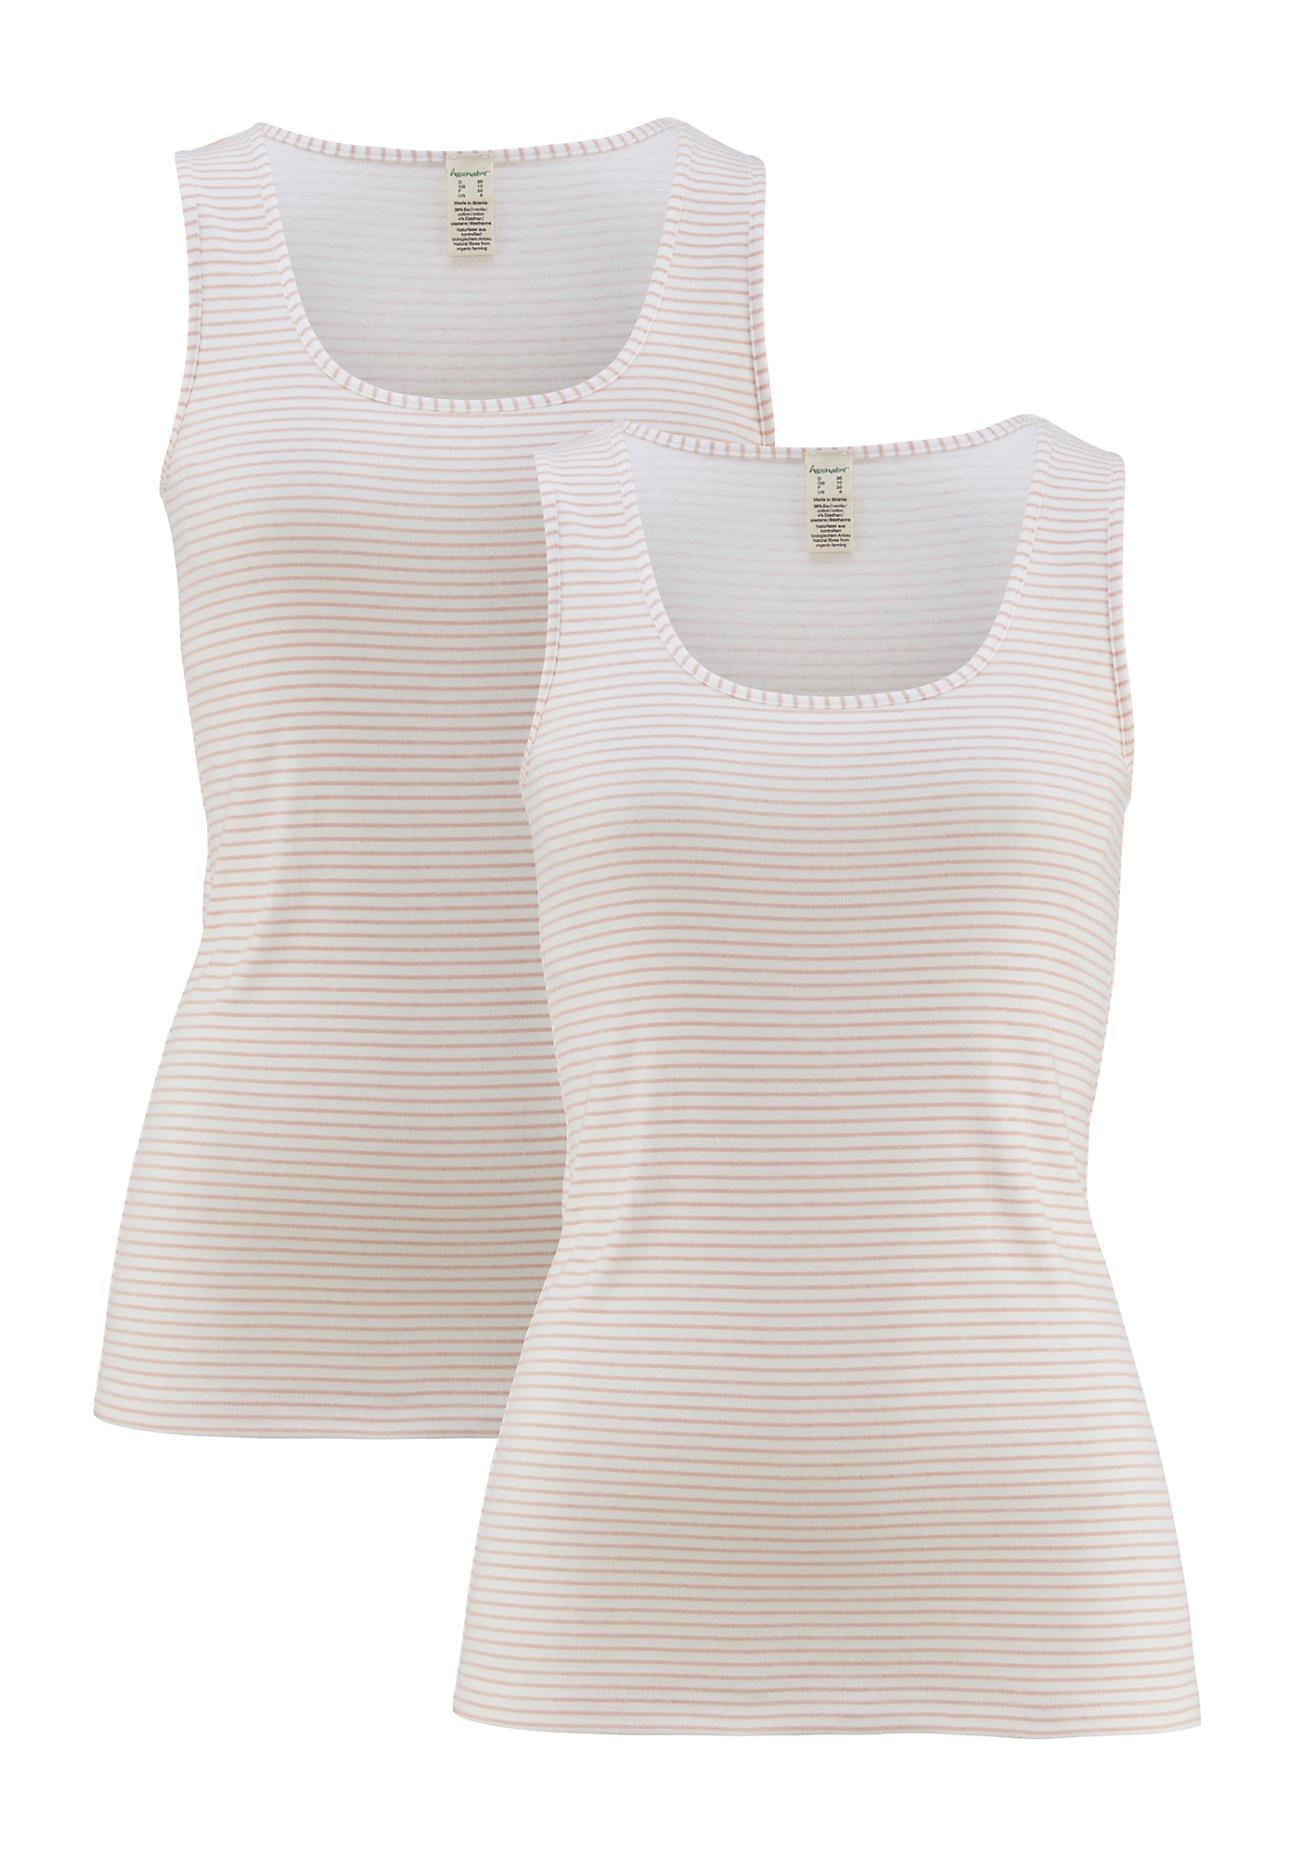 hessnatur Damen Top PureDAILY im 2er Set aus Bio Baumwolle – rosa – Größe 38